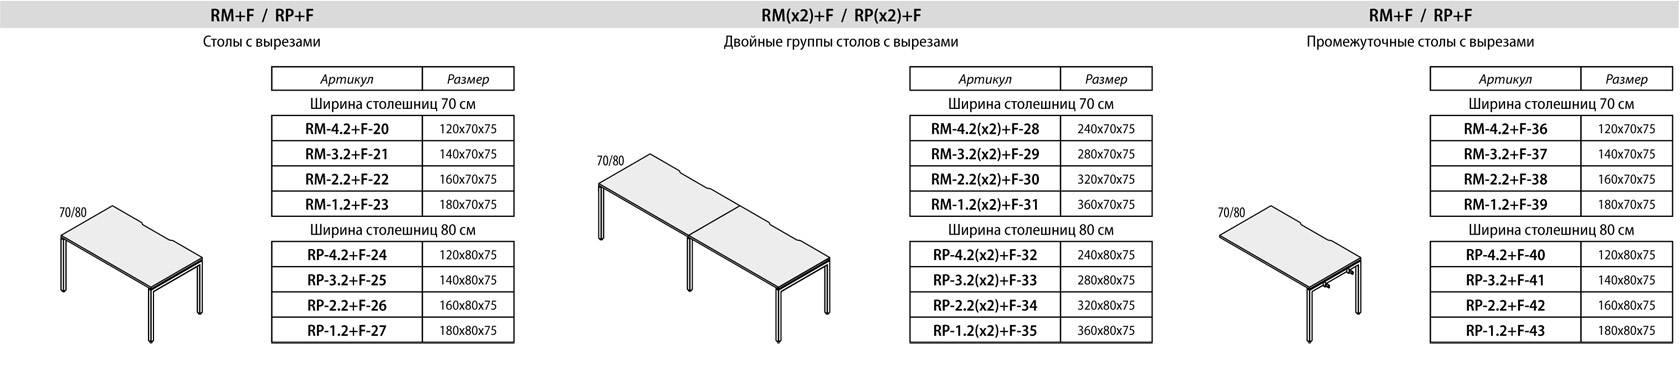 Высота столешницы на кухне (26 фото): стандартное расстояние от пола до столешницы кухонного гарнитура. какой должна быть оптимальная высота стола?